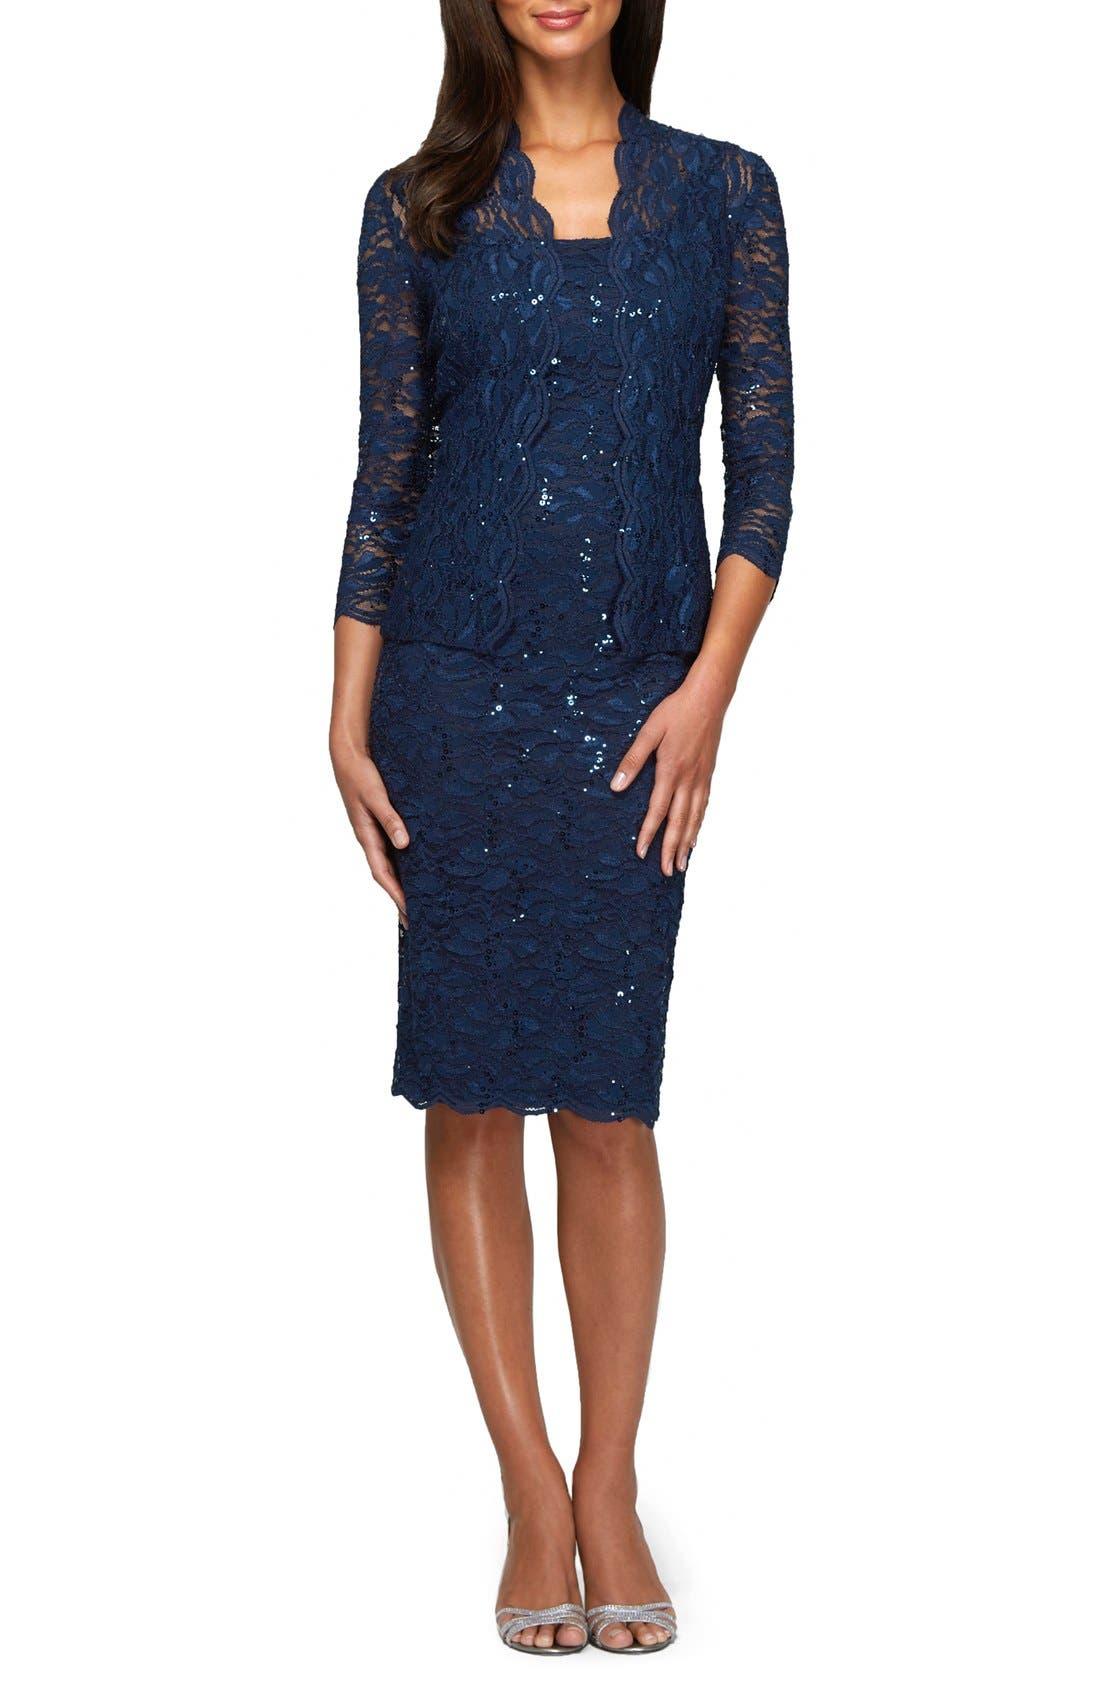 Petite Alex Evenings Lace Dress & Jacket, Blue